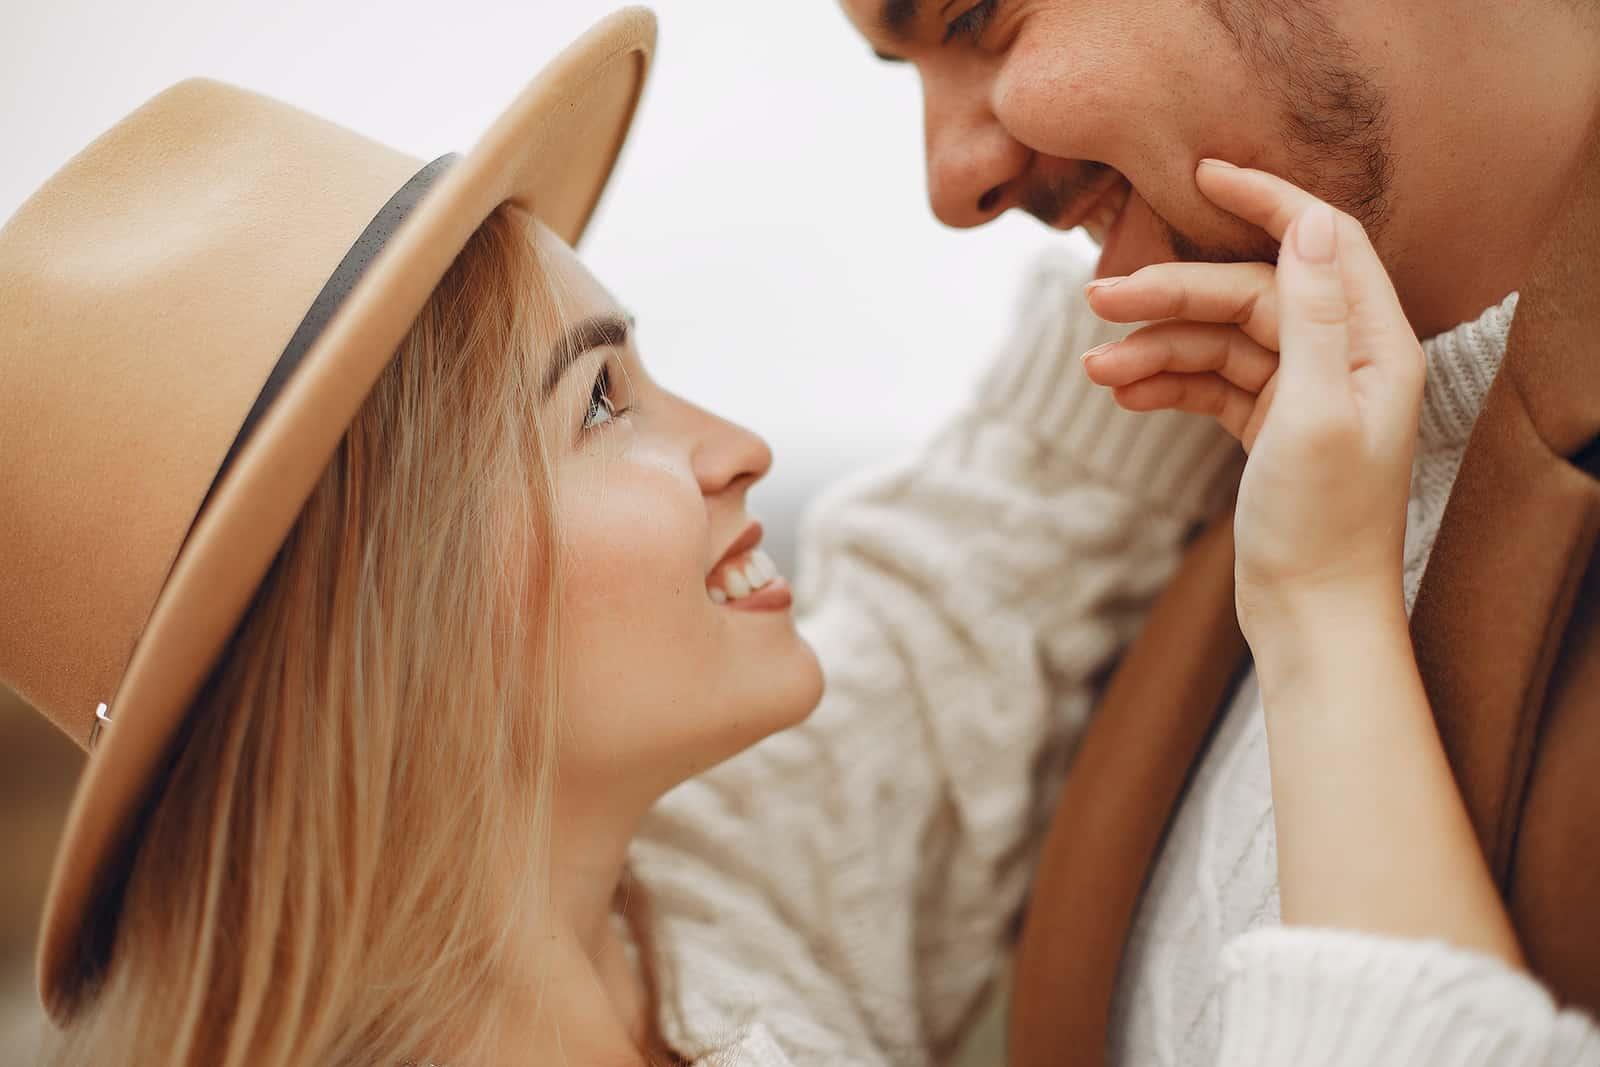 lächelnde Frau, die das Gesicht ihres Freundes berührt, während sie sich ansieht